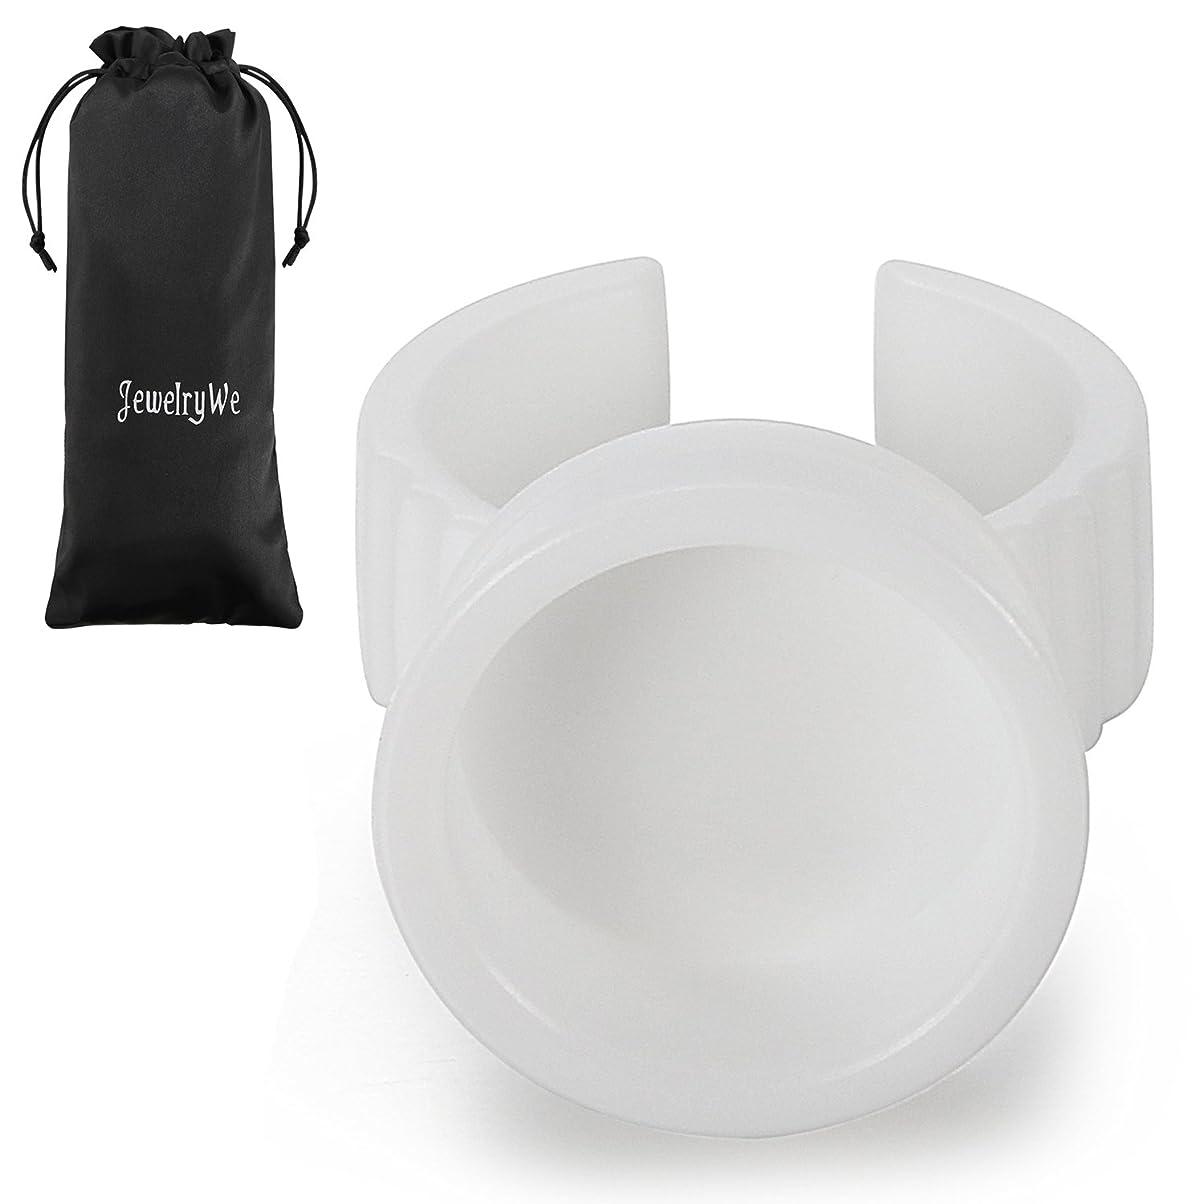 JewelryWe (100個セット)グルーリング 使い捨てタイプ まつげエクステ まつエクマツエク プラスチック製 ホワイト 直径17MM